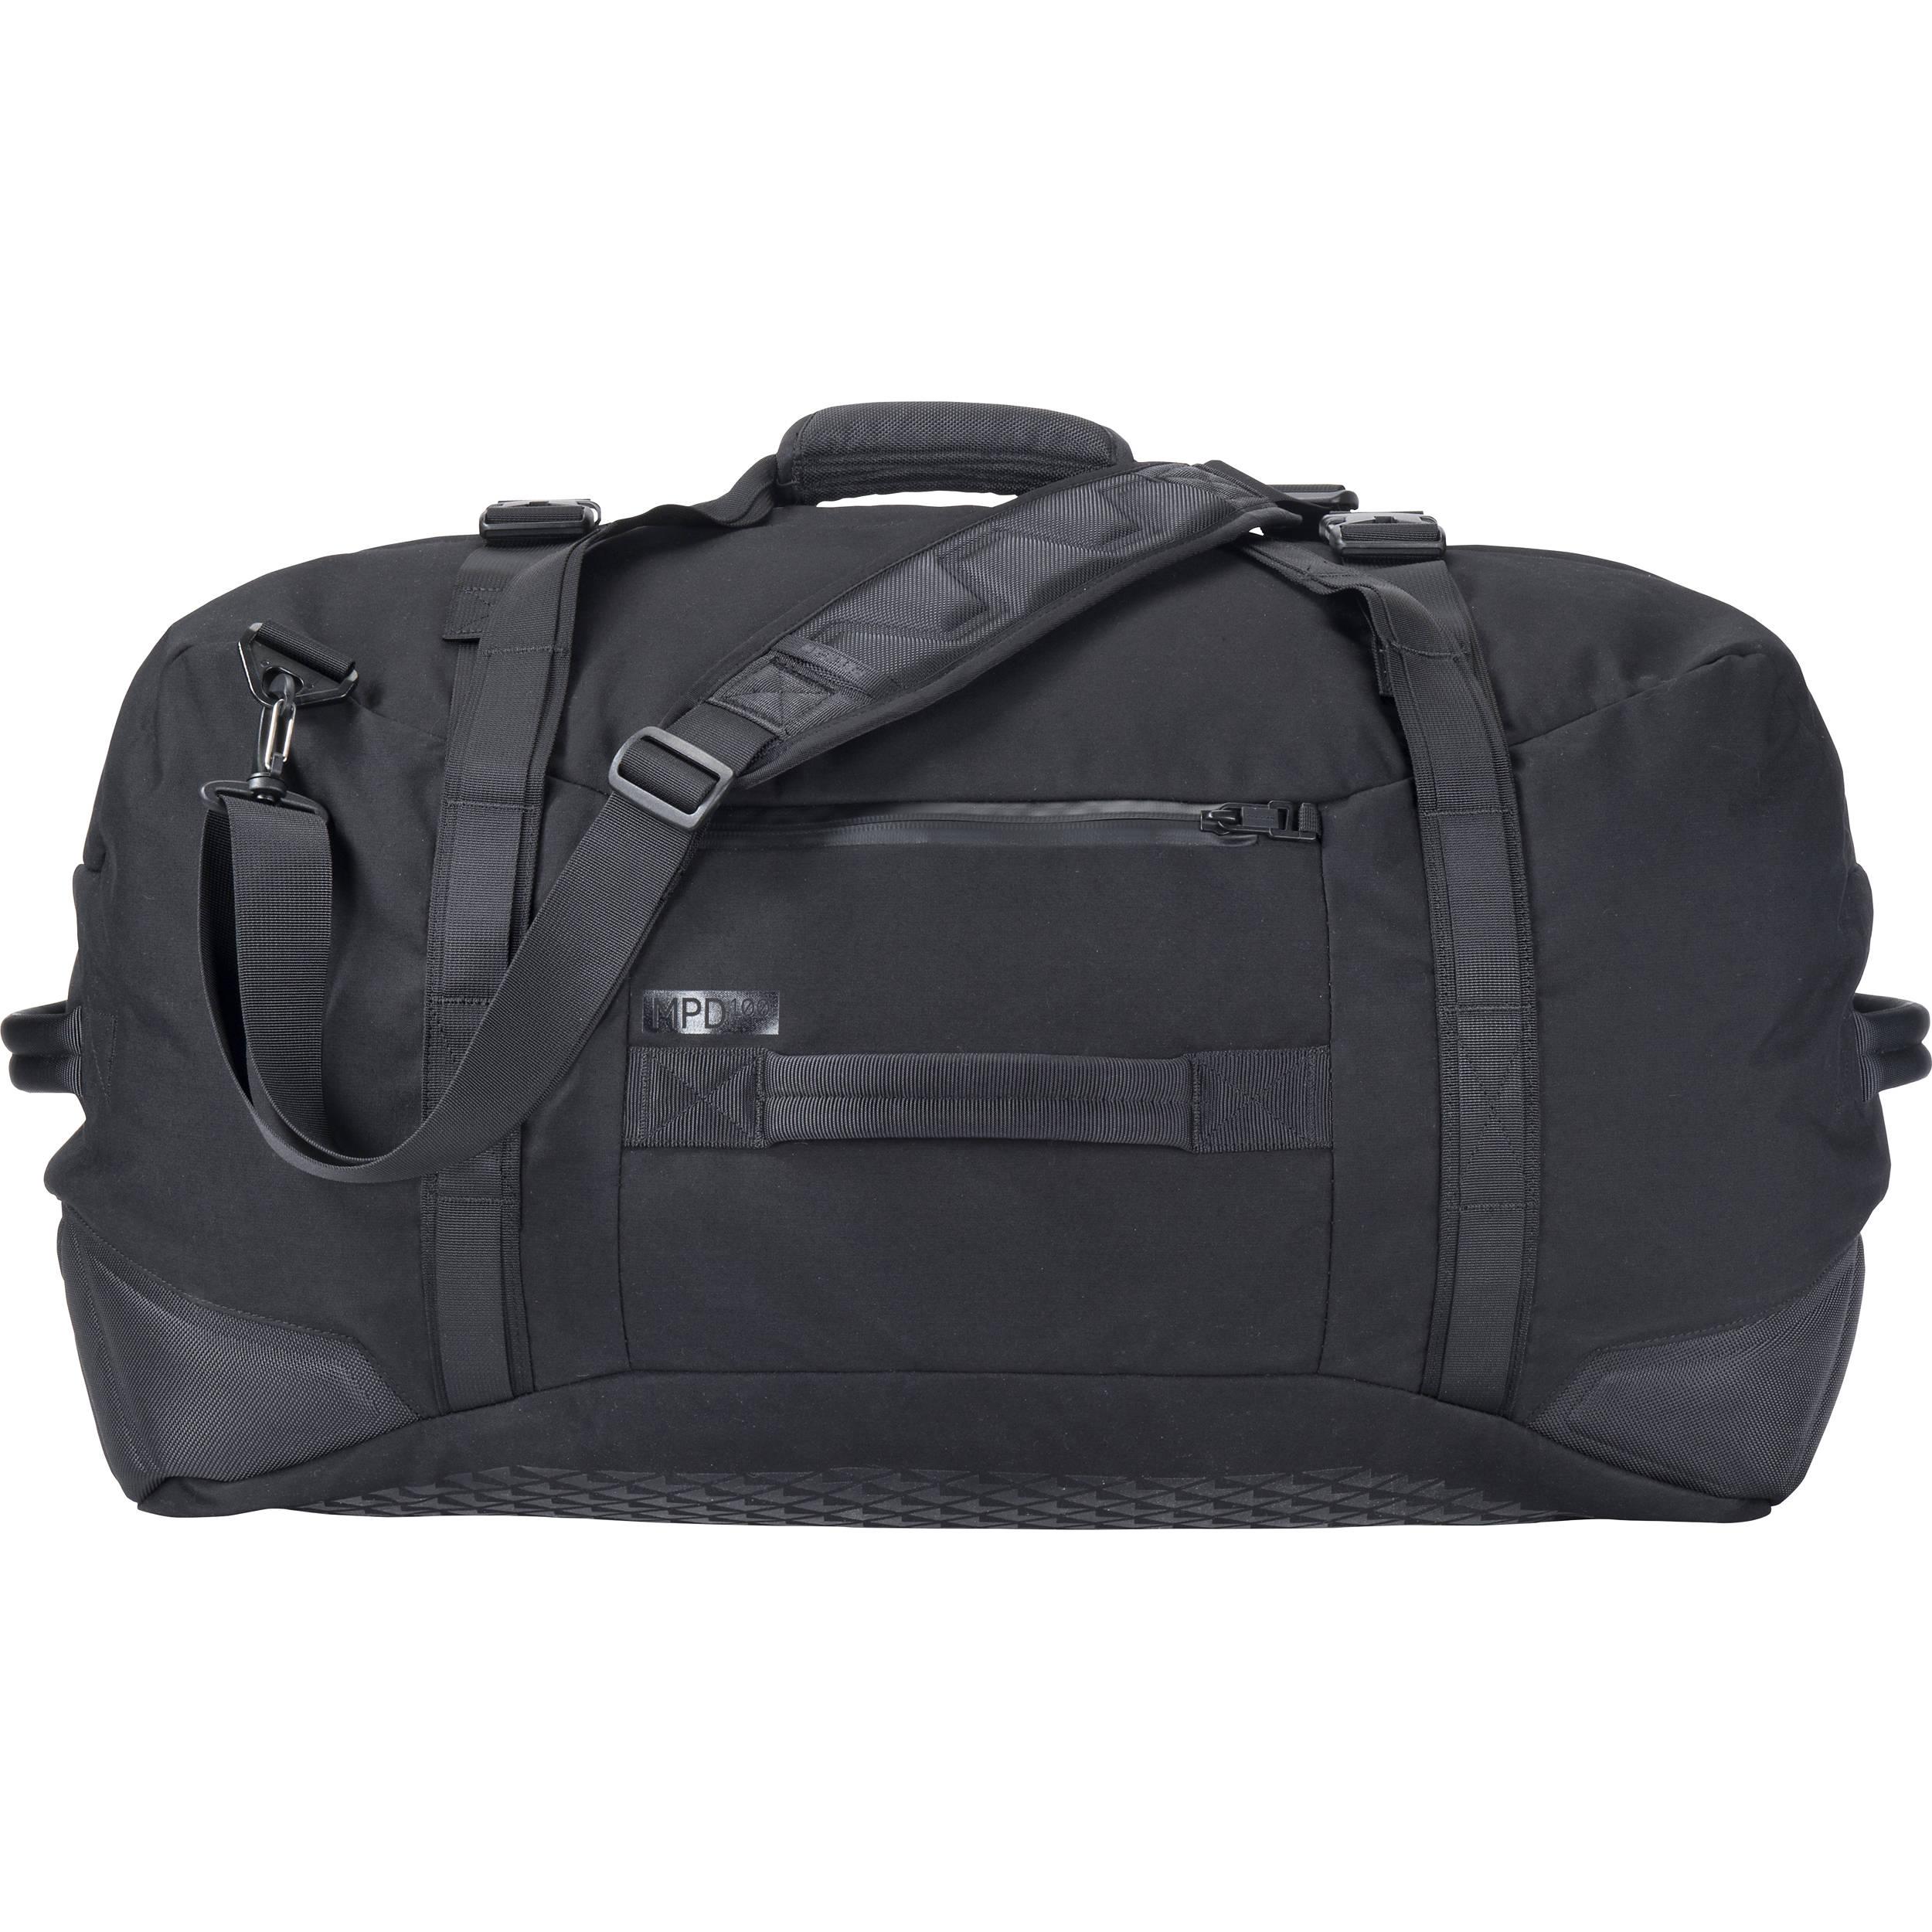 15cae2b04488 Duffel Bags  Camping   Outdoor Duffels